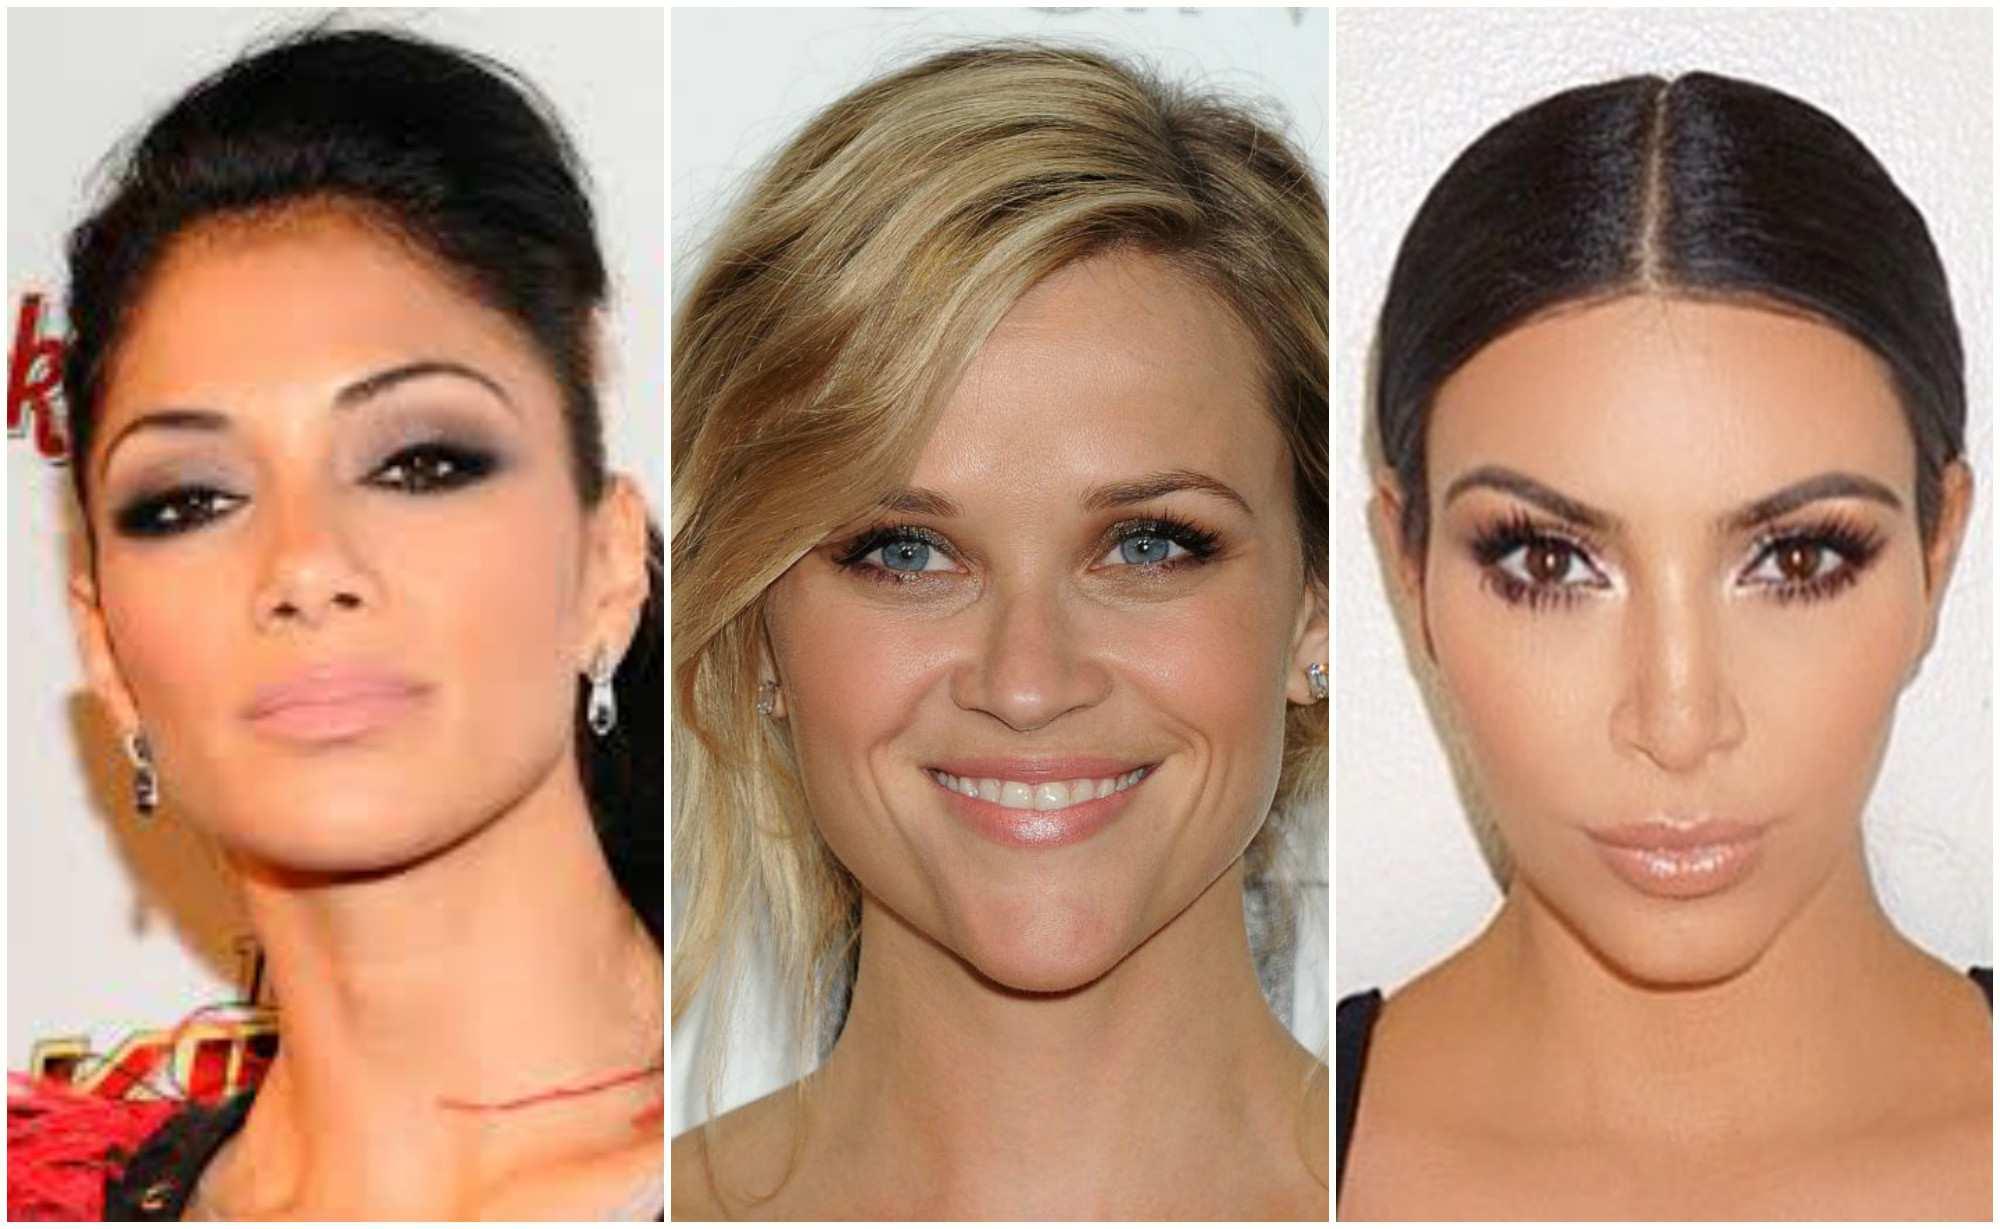 Техника макияжа, которая портит вашу привлекательность